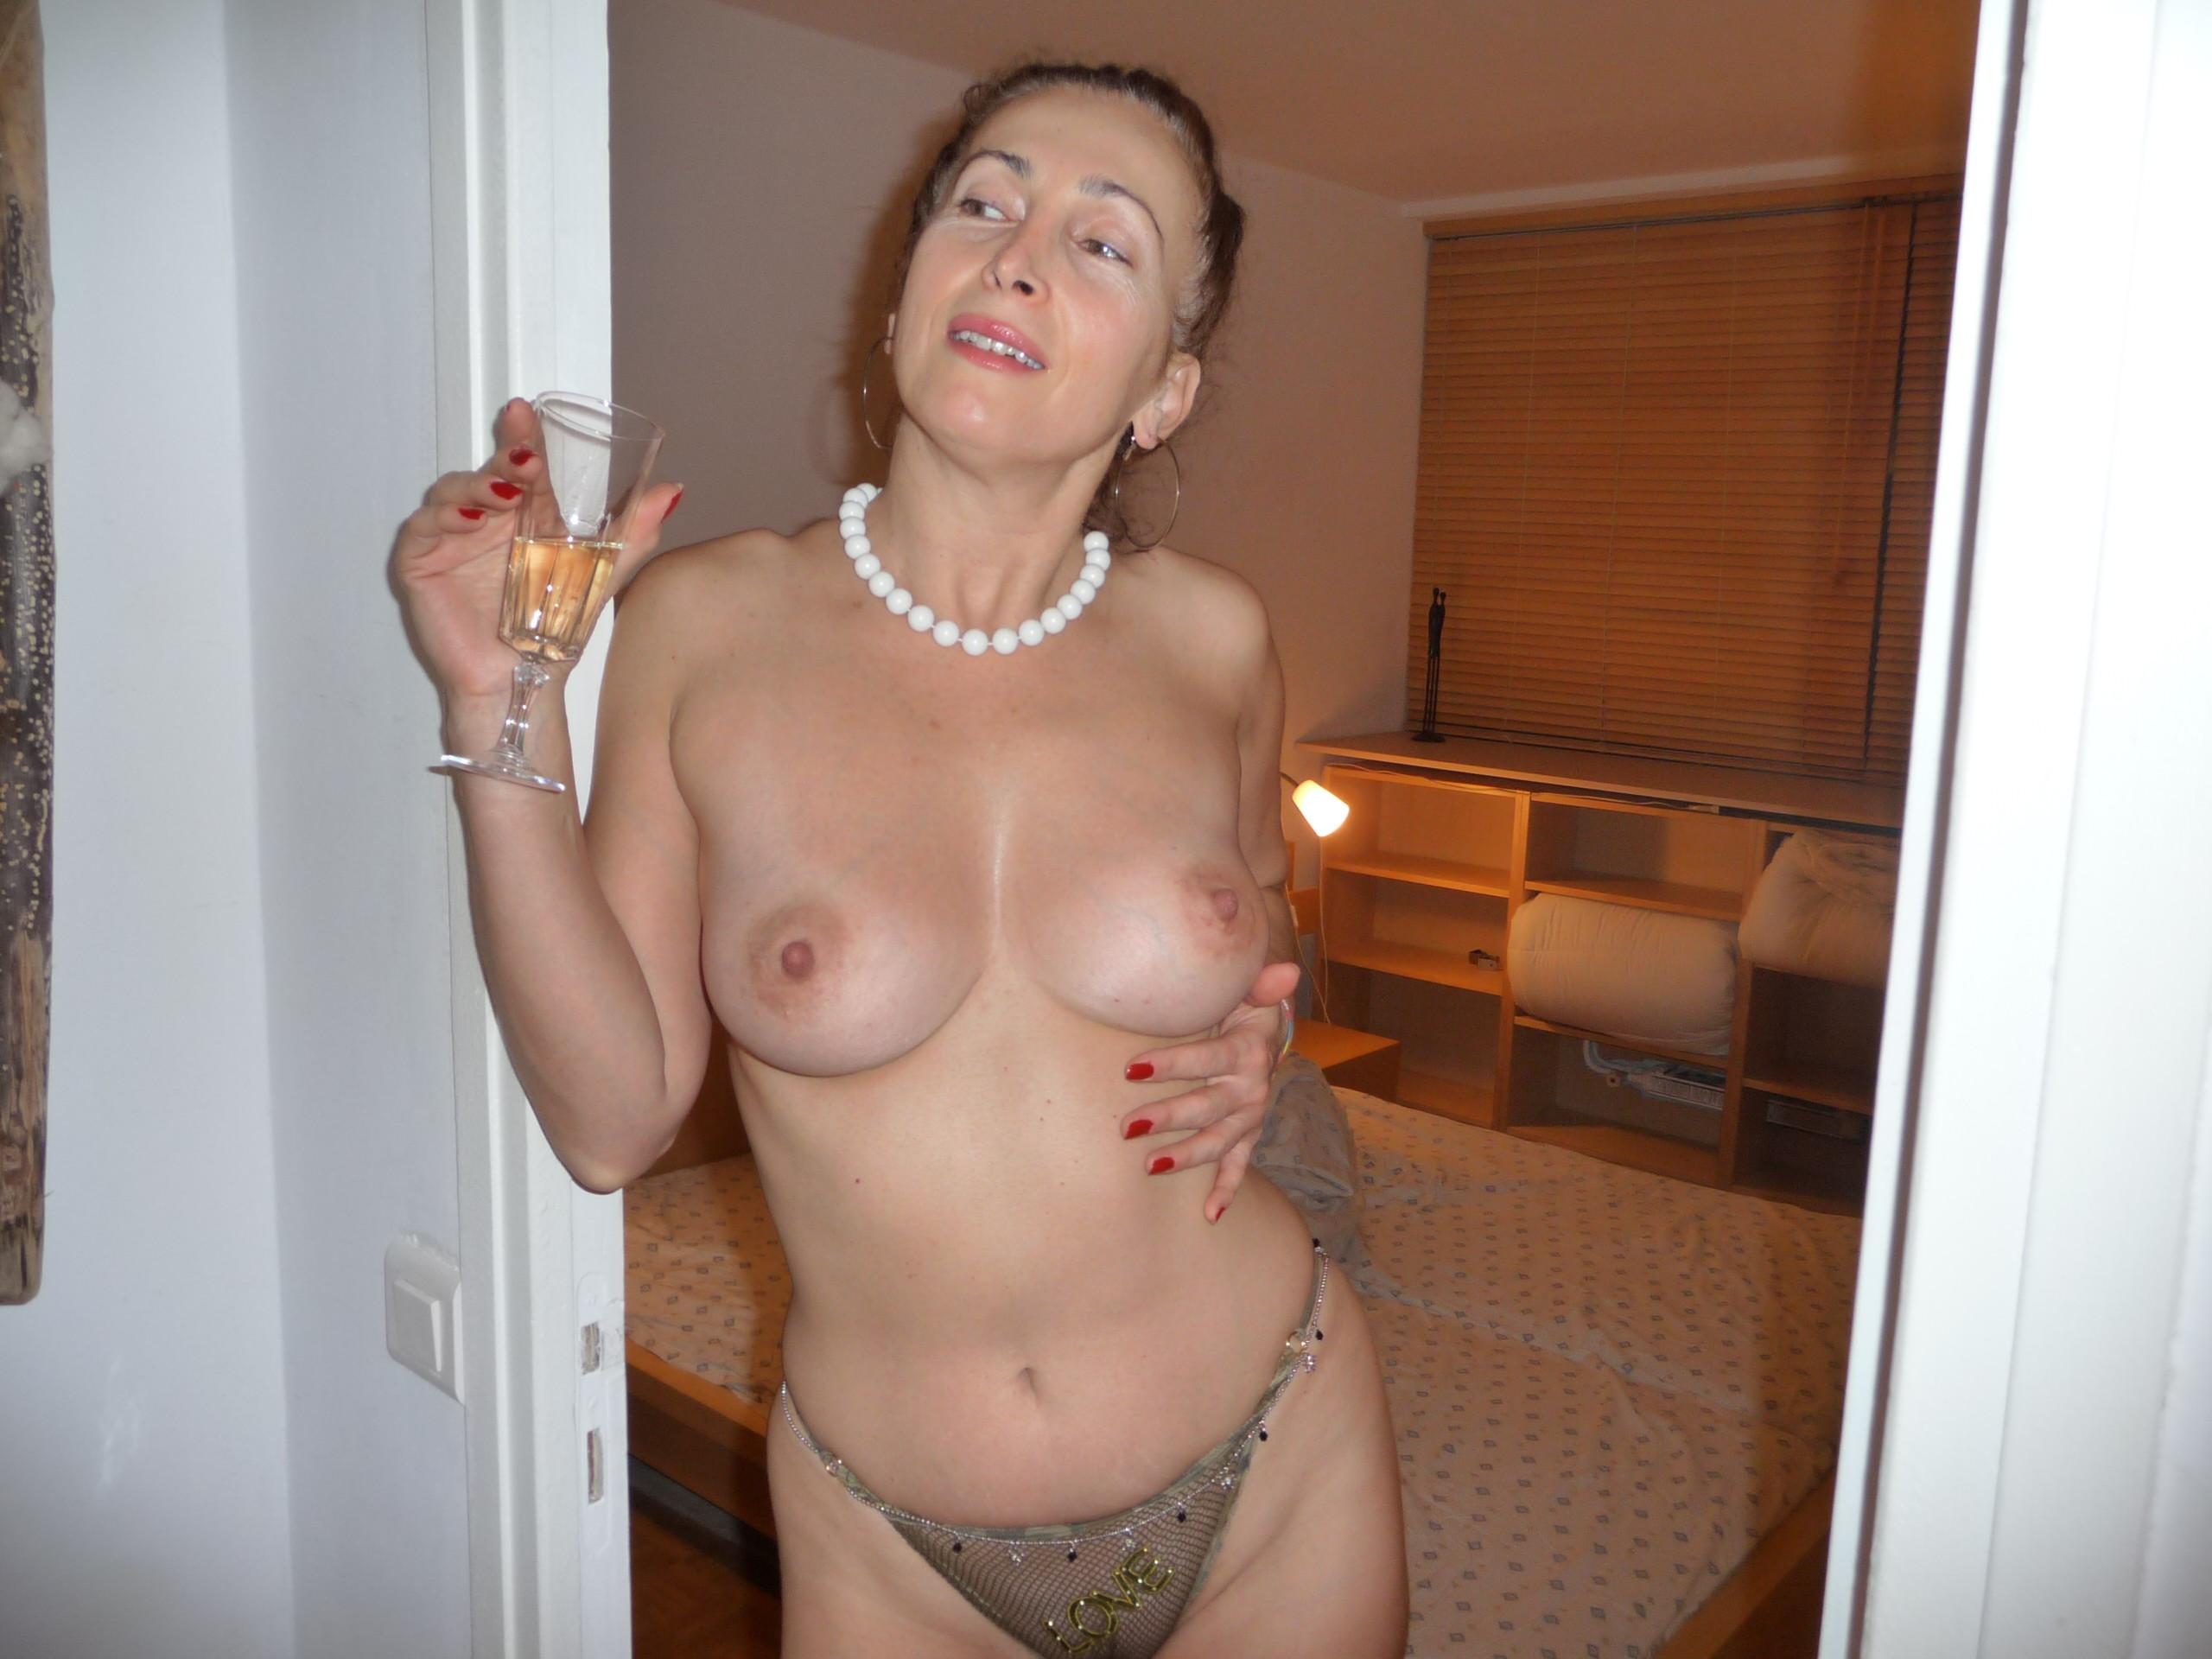 Фото зрелых голых женщин за 40 50, Голые Женщины за 40. Секс и порно с сороколетними 15 фотография